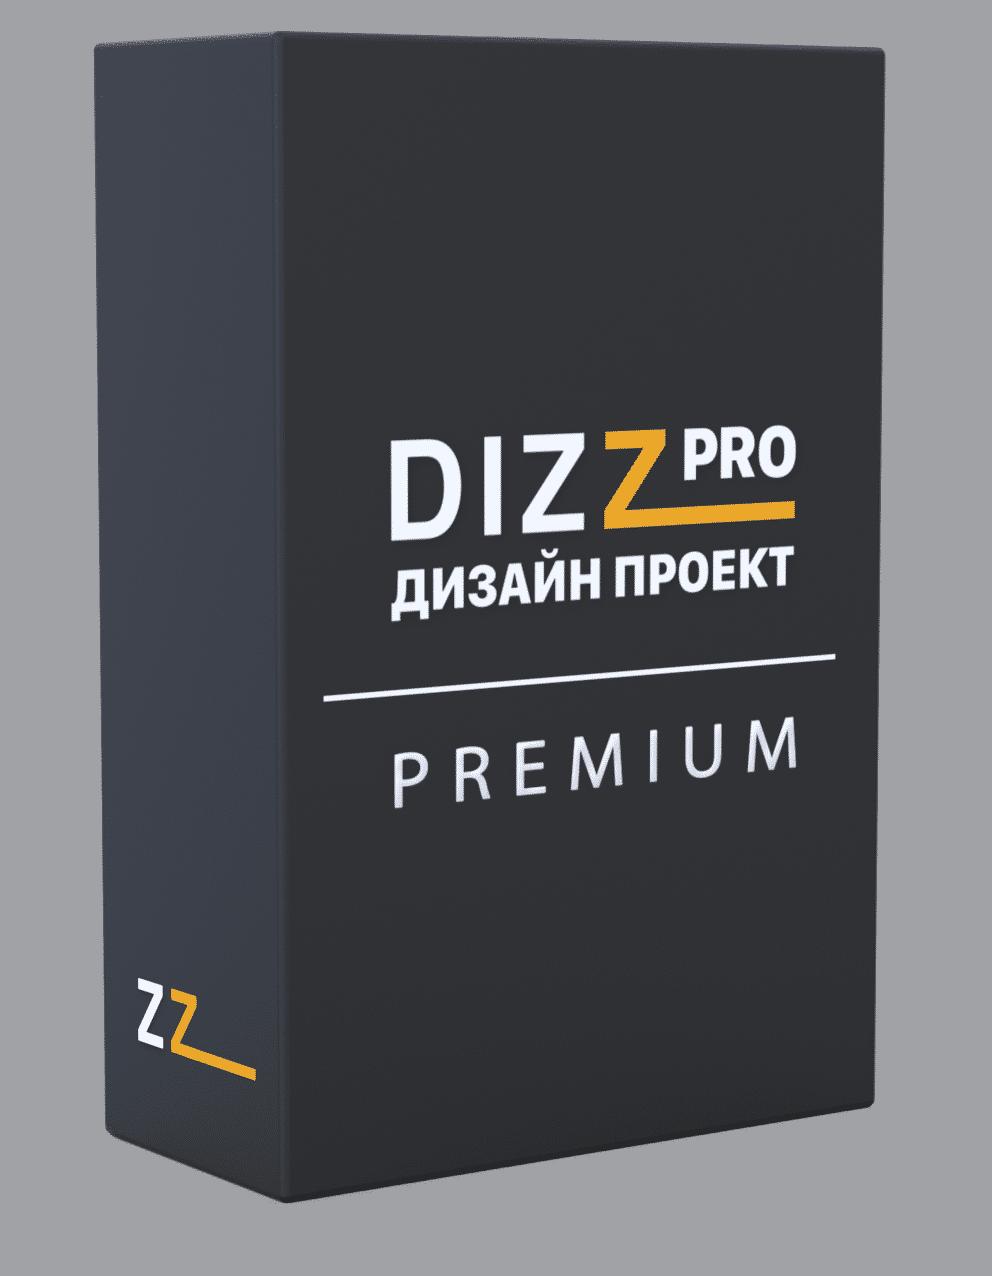 Стоимость премиум дизайн-проекта